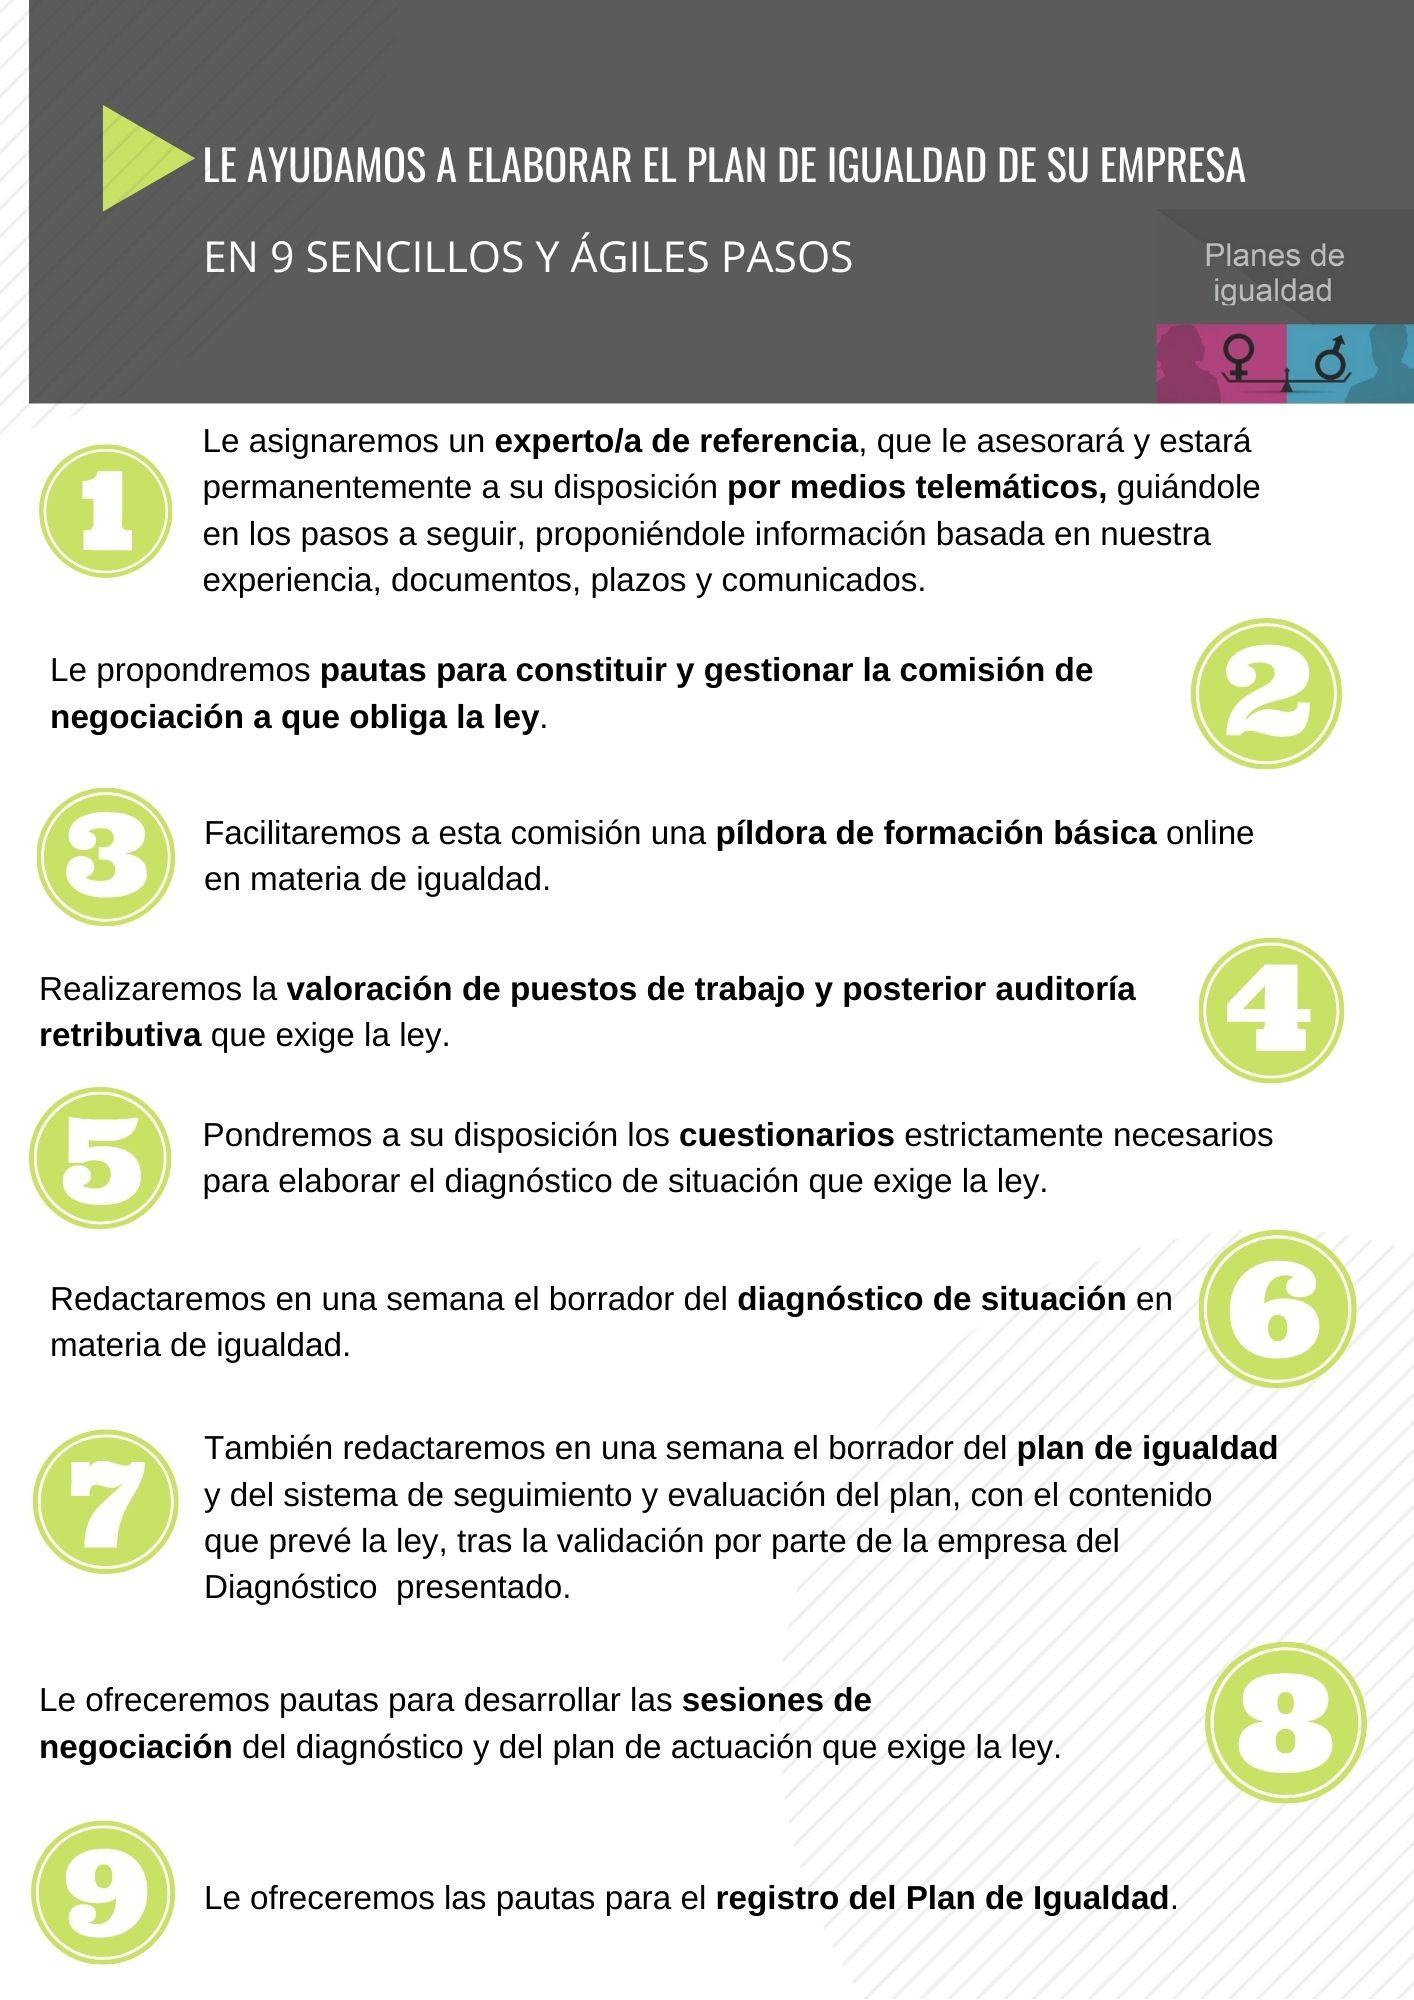 9 sencillos y ágiles pasos